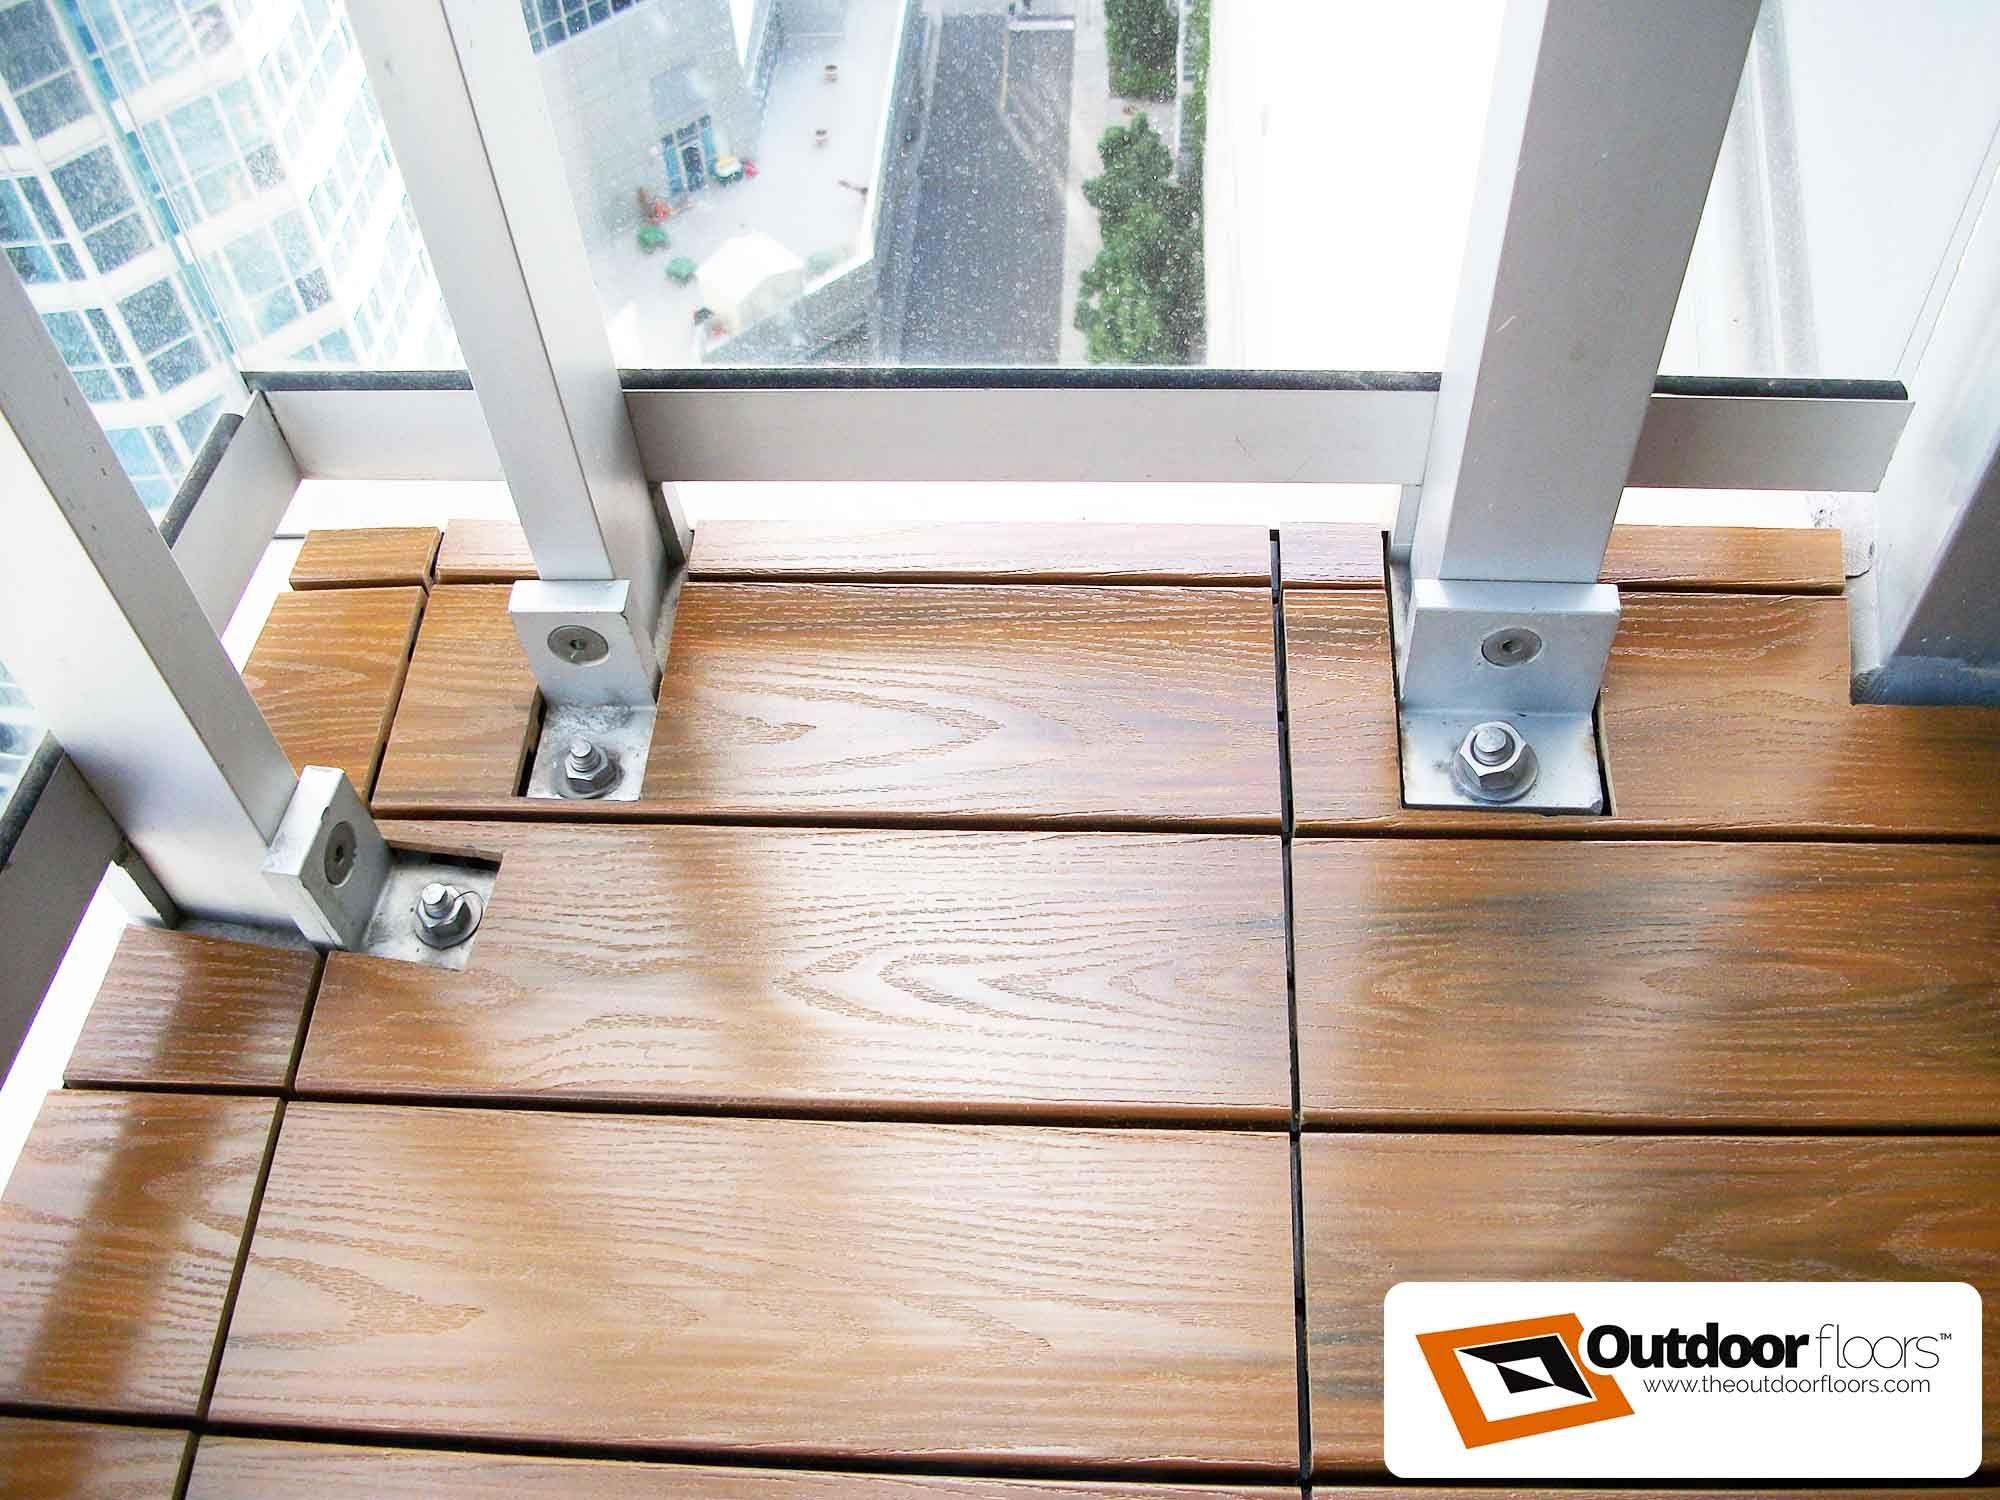 Teak wood plastic composite deck tiles on toronto balcony 2016 teak wood plastic composite deck tiles on toronto balcony 2016 dailygadgetfo Images